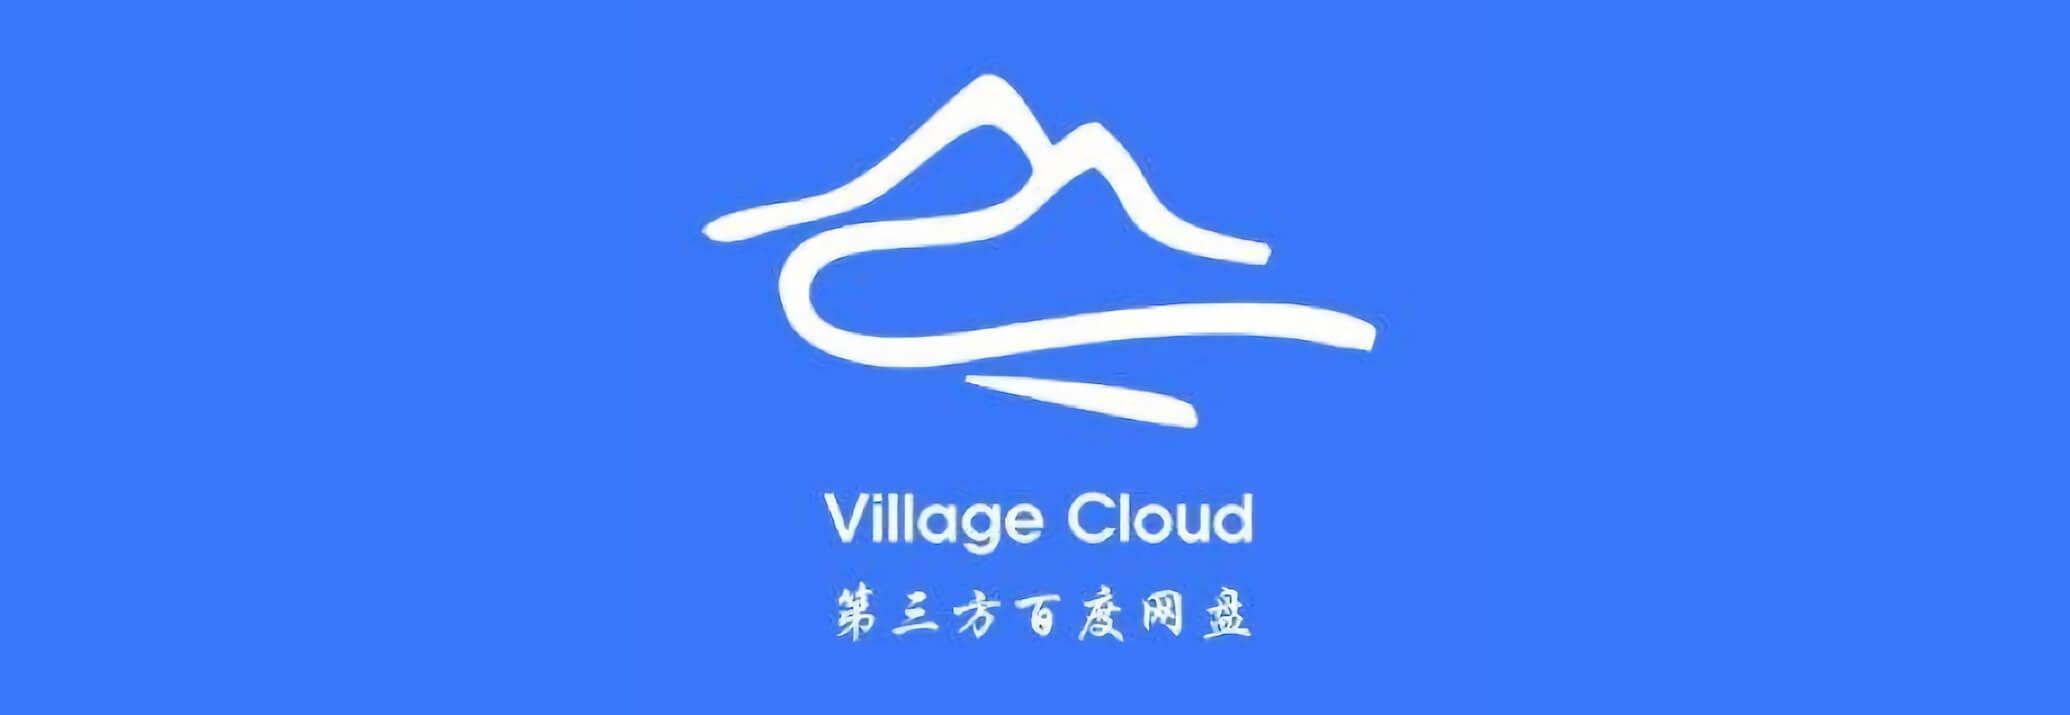 Village 4.8.0 安卓第三方度盘客户端,山寨云去广告纯净版